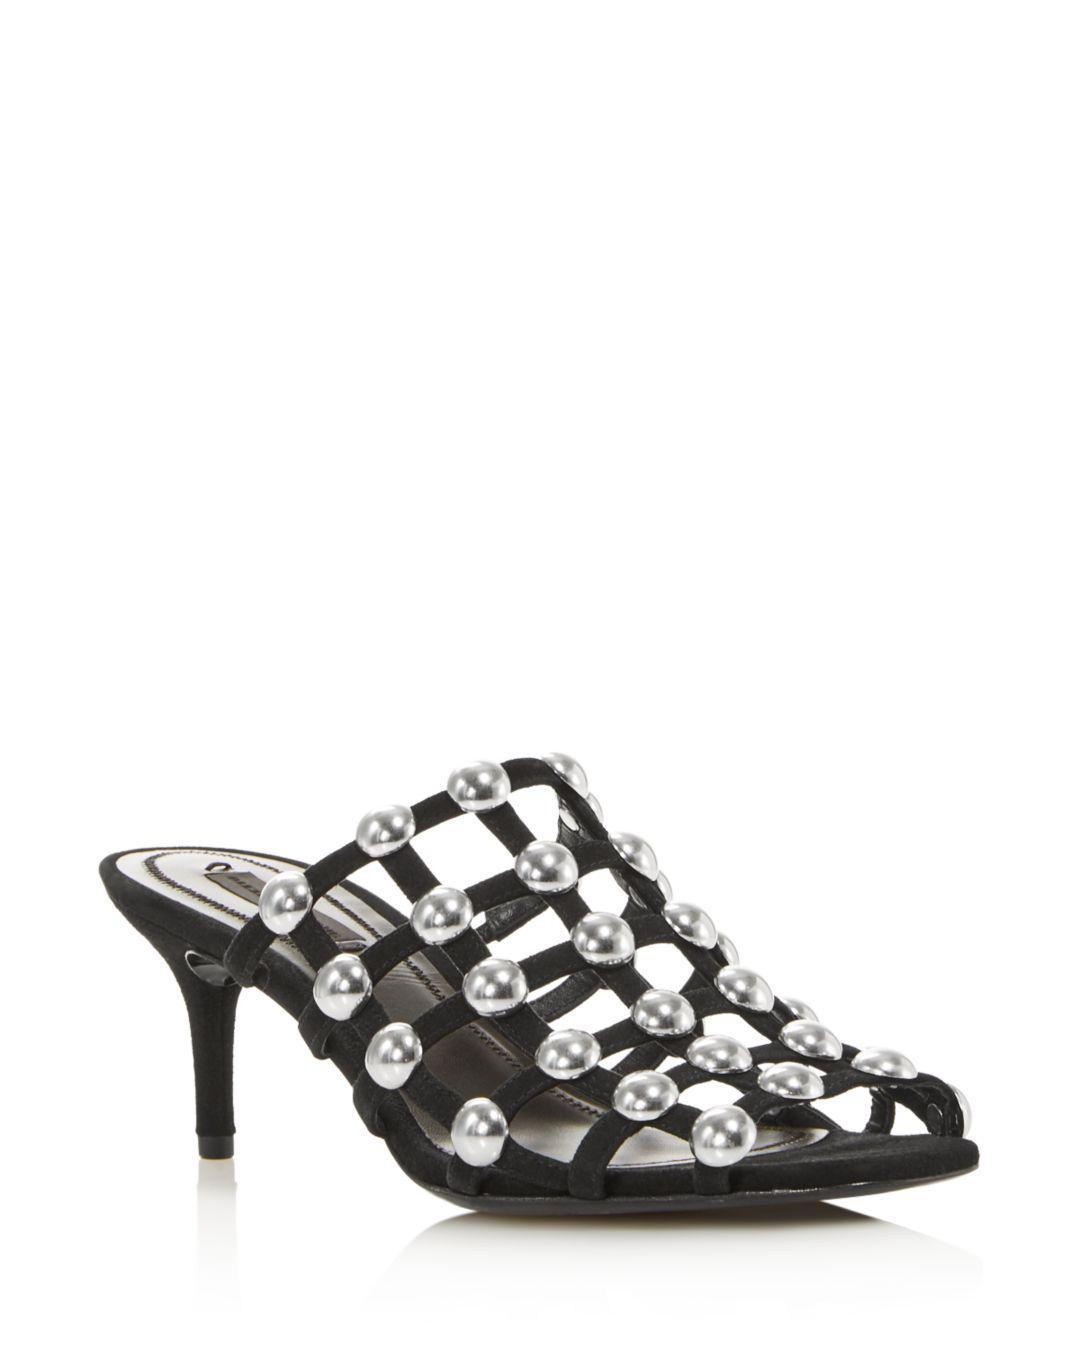 65215f819b0 Lyst - Alexander Wang Women s Sofia Studded Kitten Heel Mules in ...